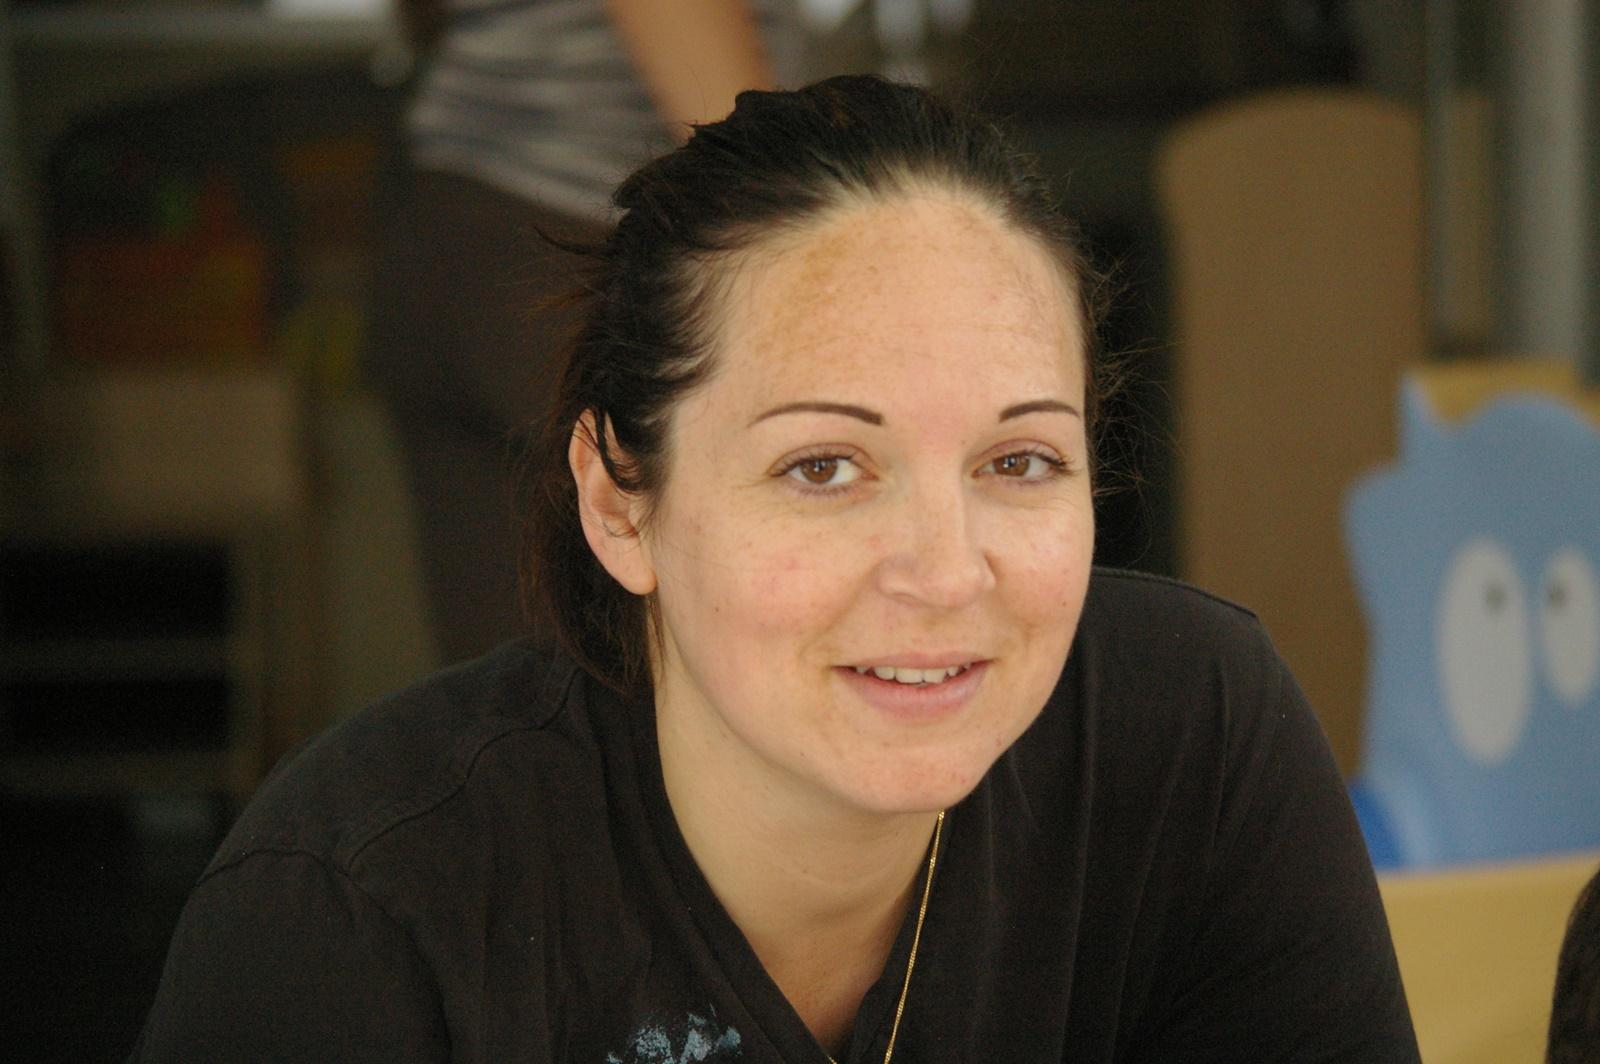 Céline Rosenblatt